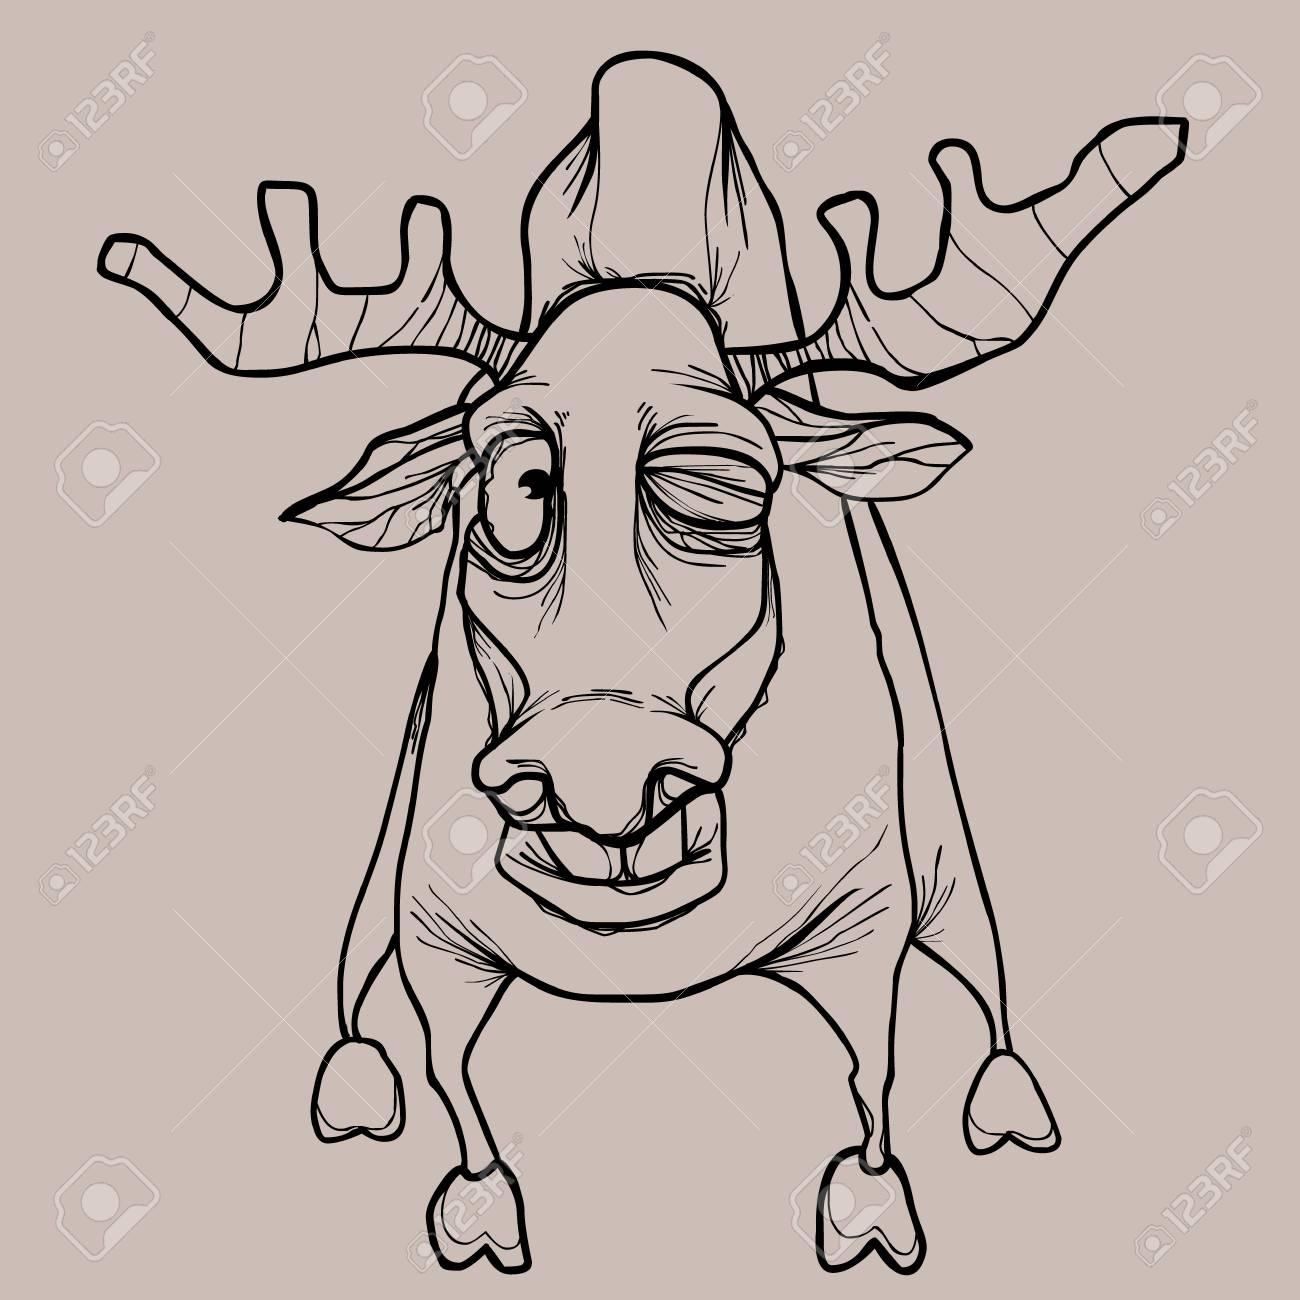 Cartoon Scotch Seche Attaque Biche Dessin Crayon Dans Des Couleurs Monochromes Clip Art Libres De Droits Vecteurs Et Illustration Image 98436783